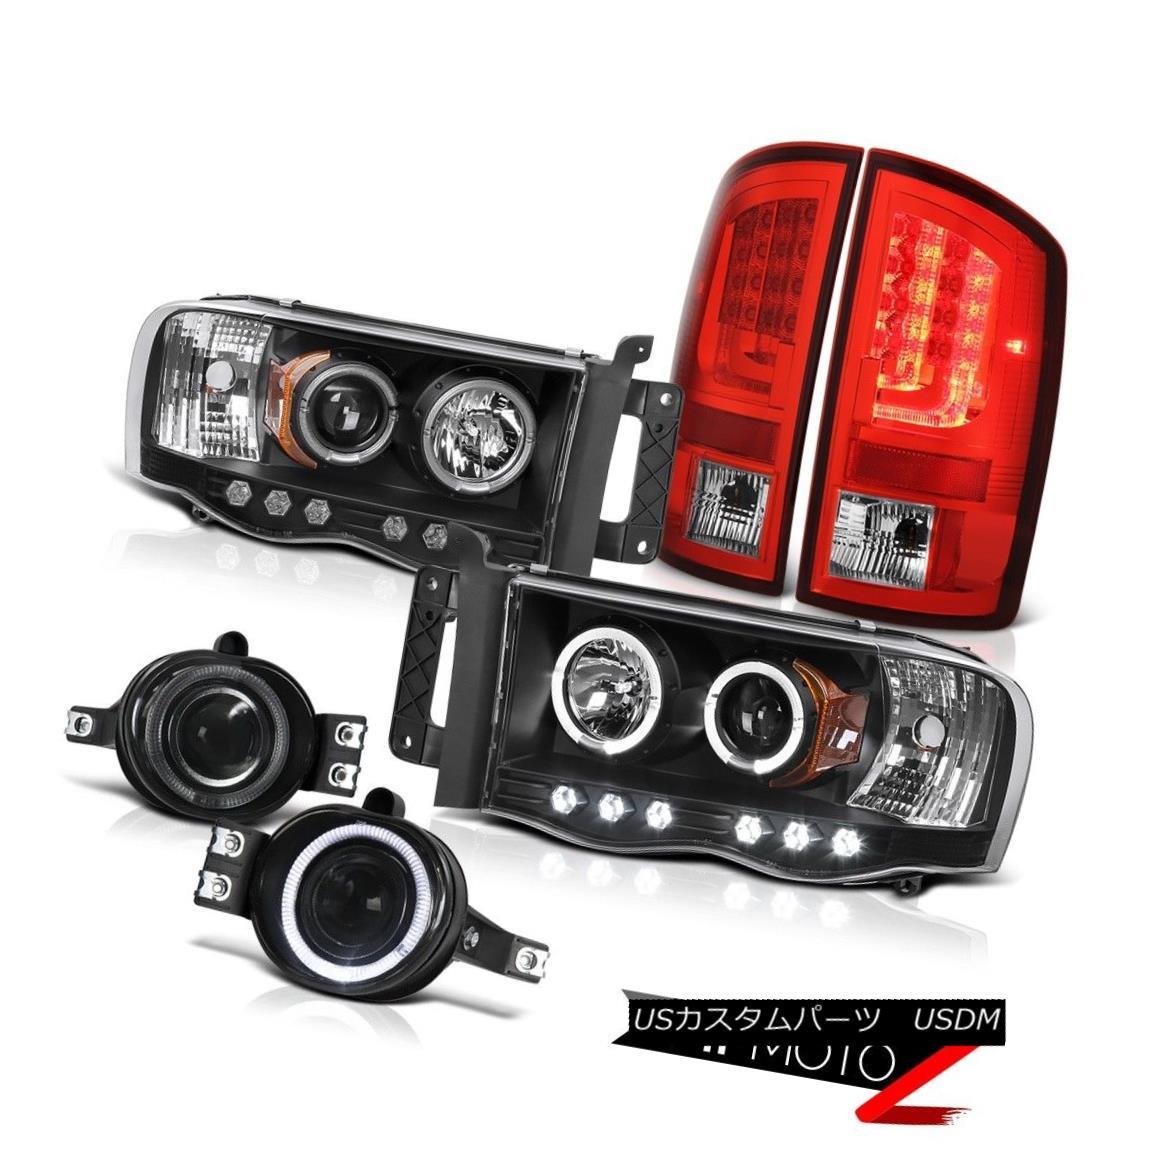 車用品・バイク用品 >> 車用品 >> パーツ >> ライト・ランプ >> テールライト テールライト 2003-2005 Dodge Ram 3500 5.7L Red Tail Lamps Headlights Fog LED